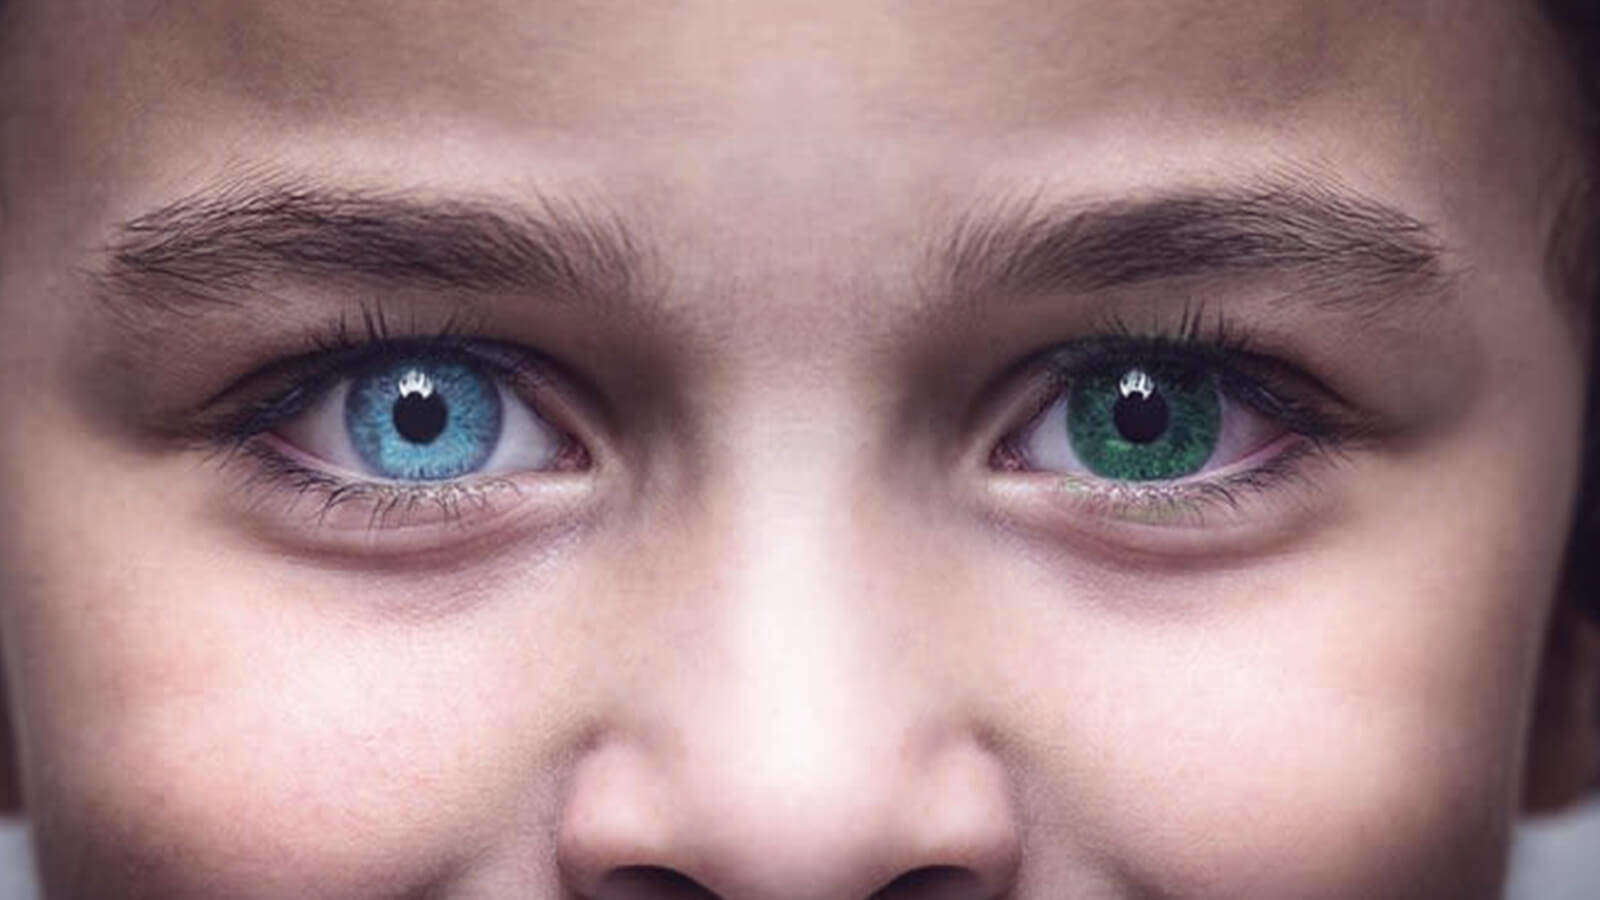 Types of Heterochromia